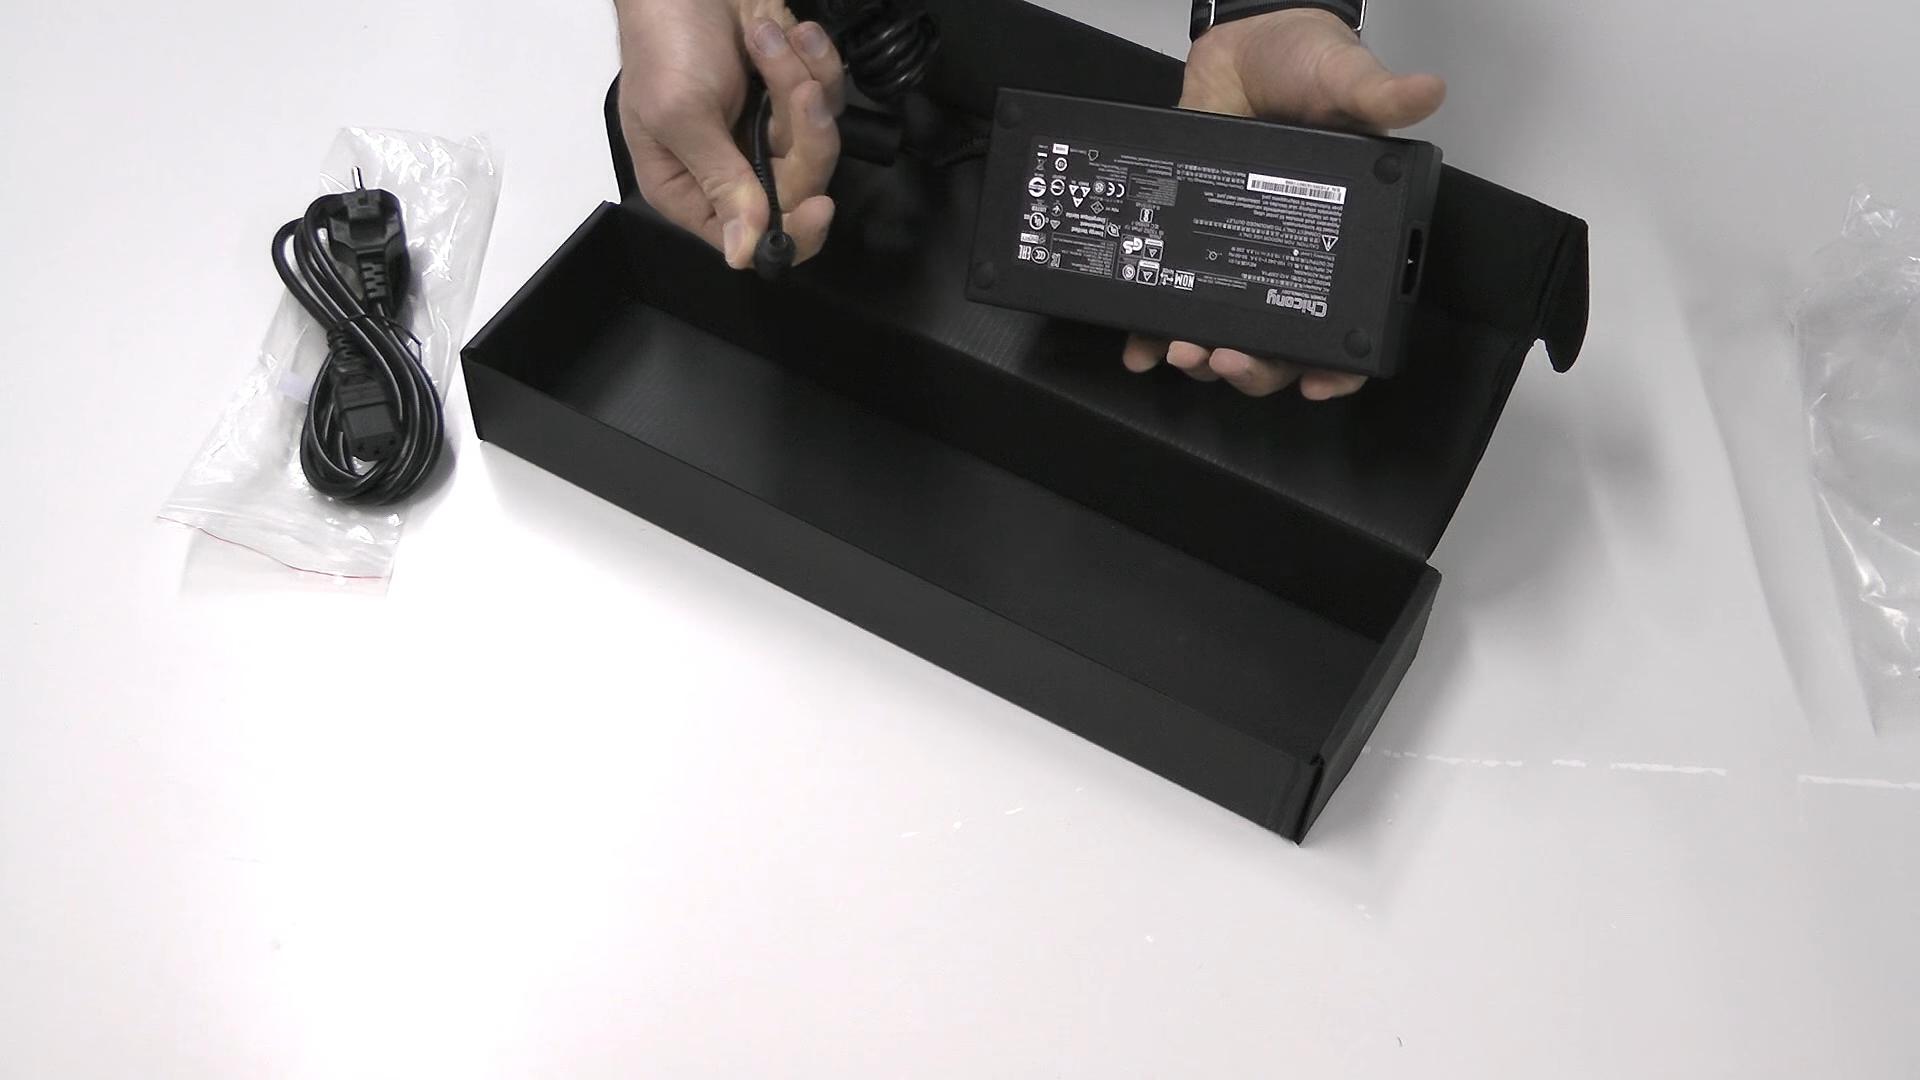 Acer Predator 17 G9 793 58bm